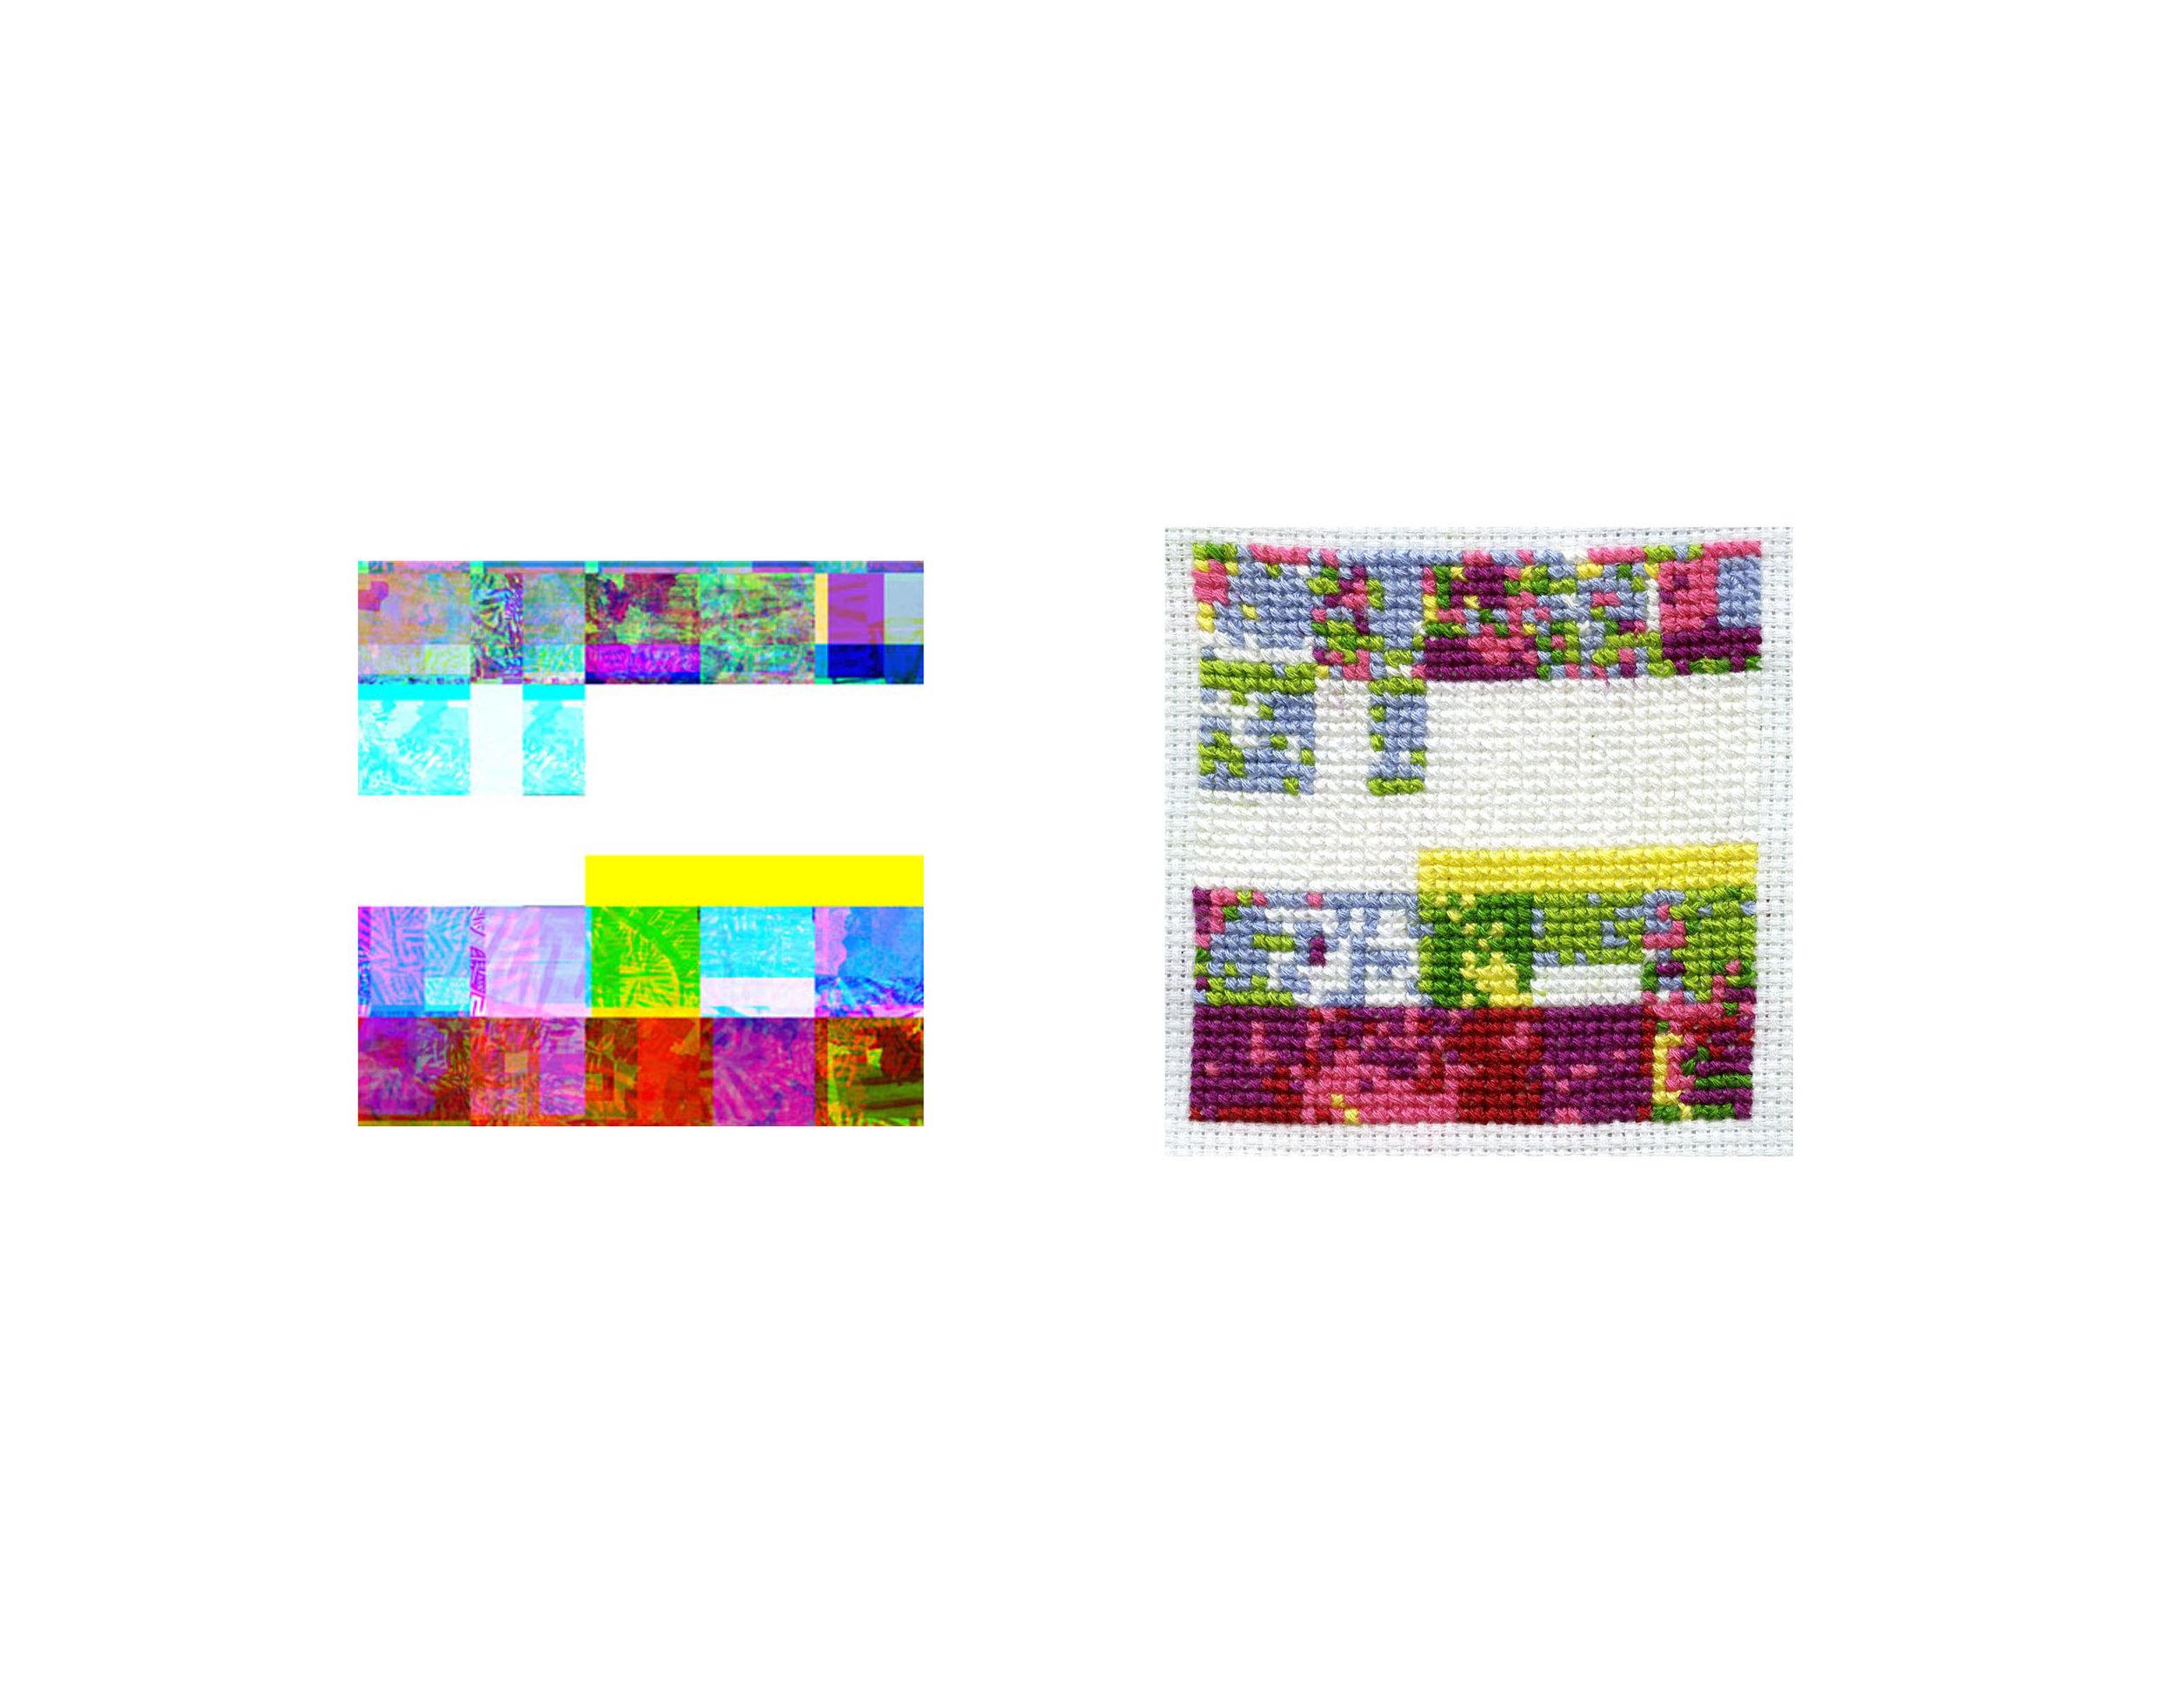 GlitchSeries04 - Crop_8_crop.jpg